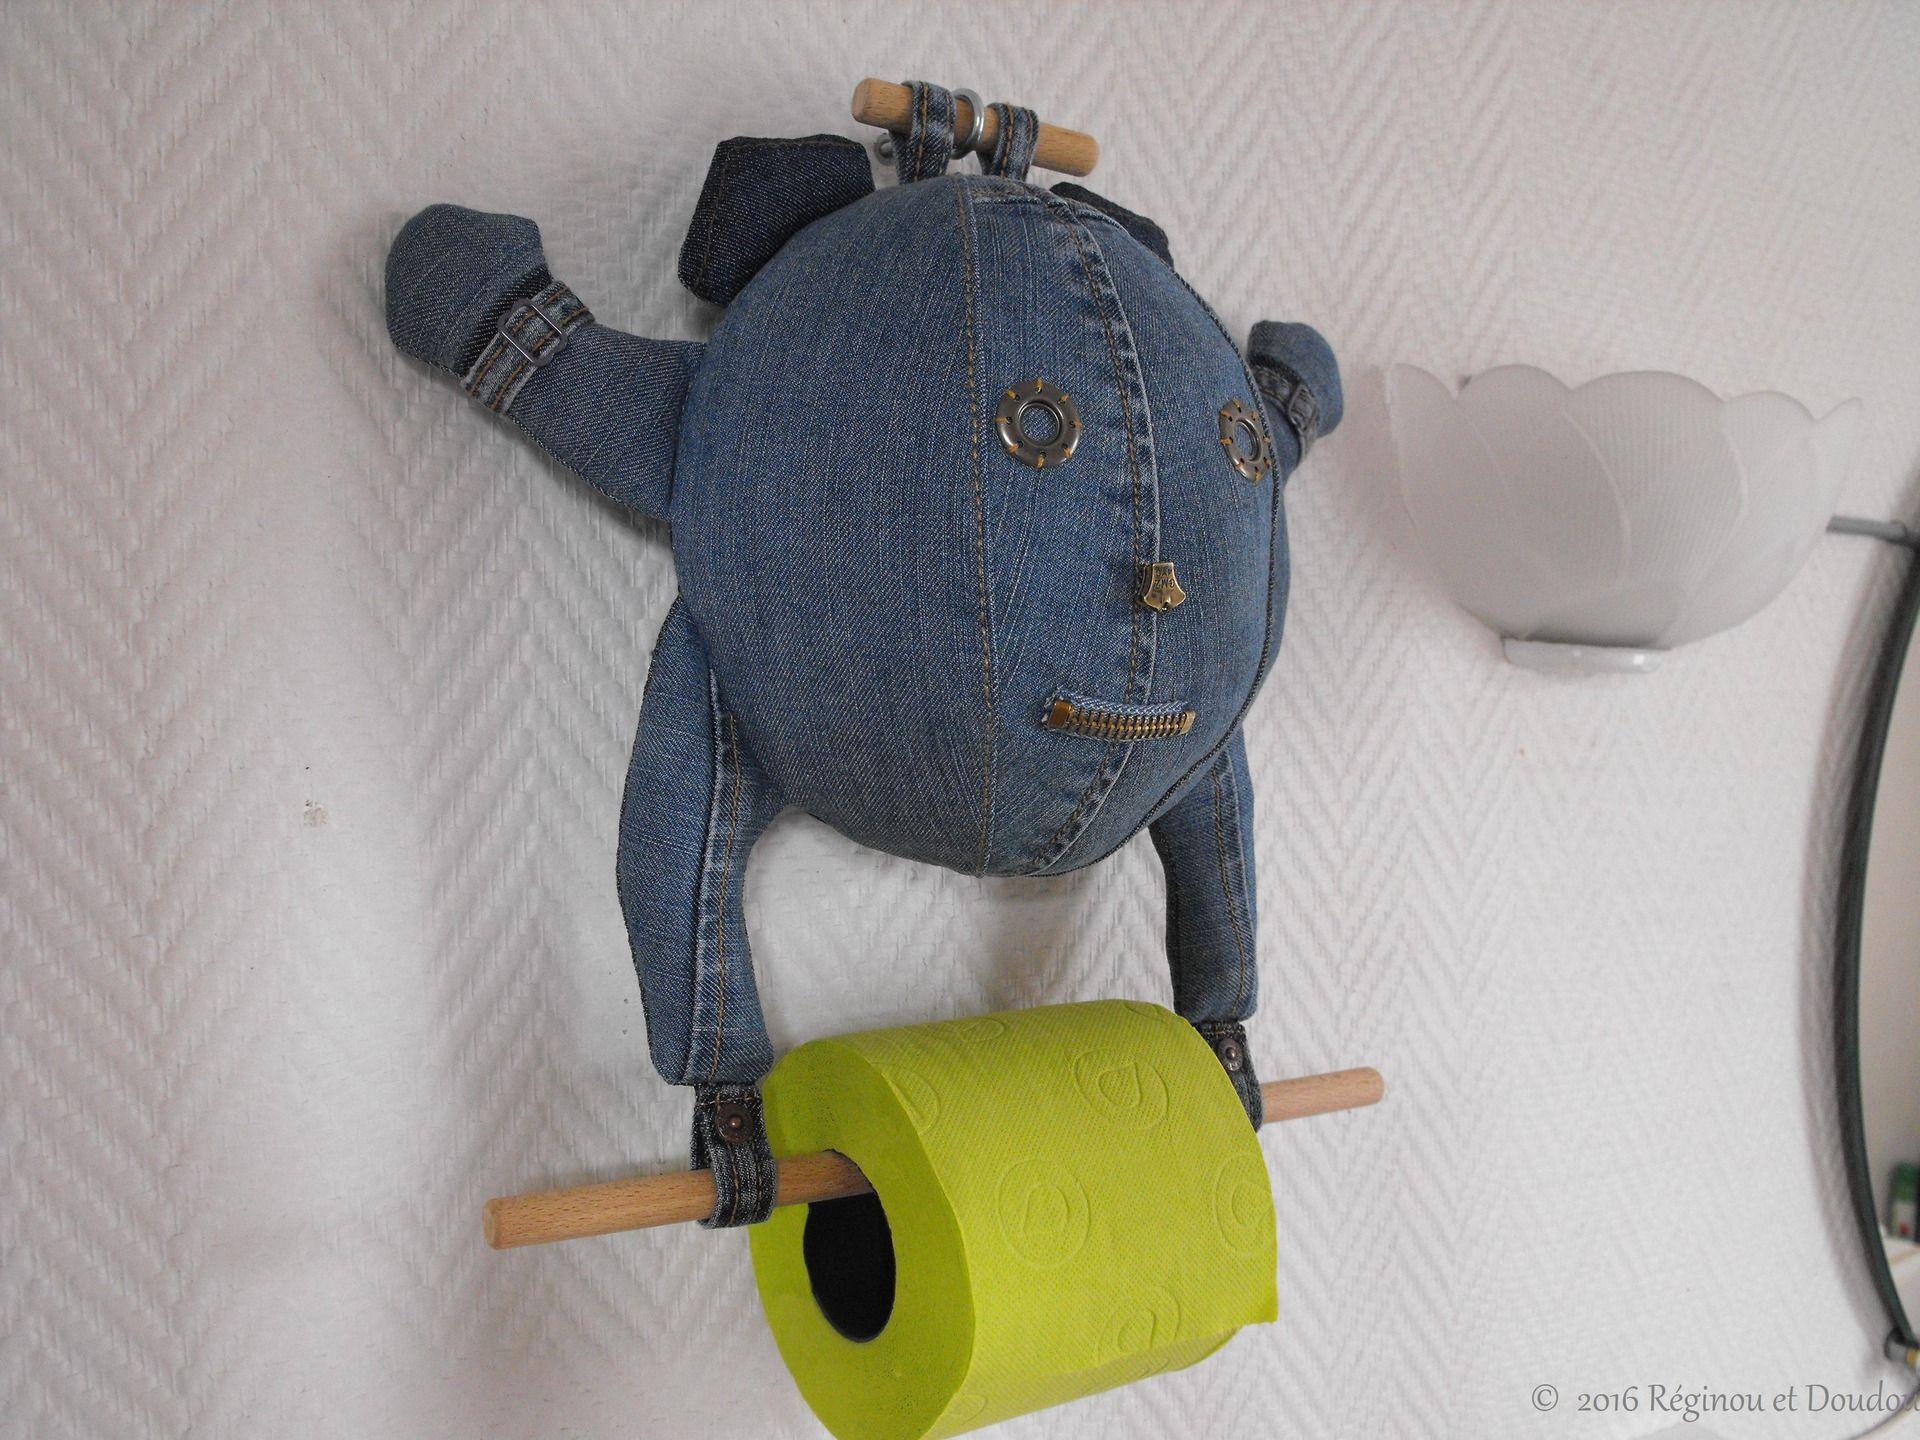 35 Idées De Distributeurs De Papier Toilette Esthétiques dedans Porte Papier Toilette Original